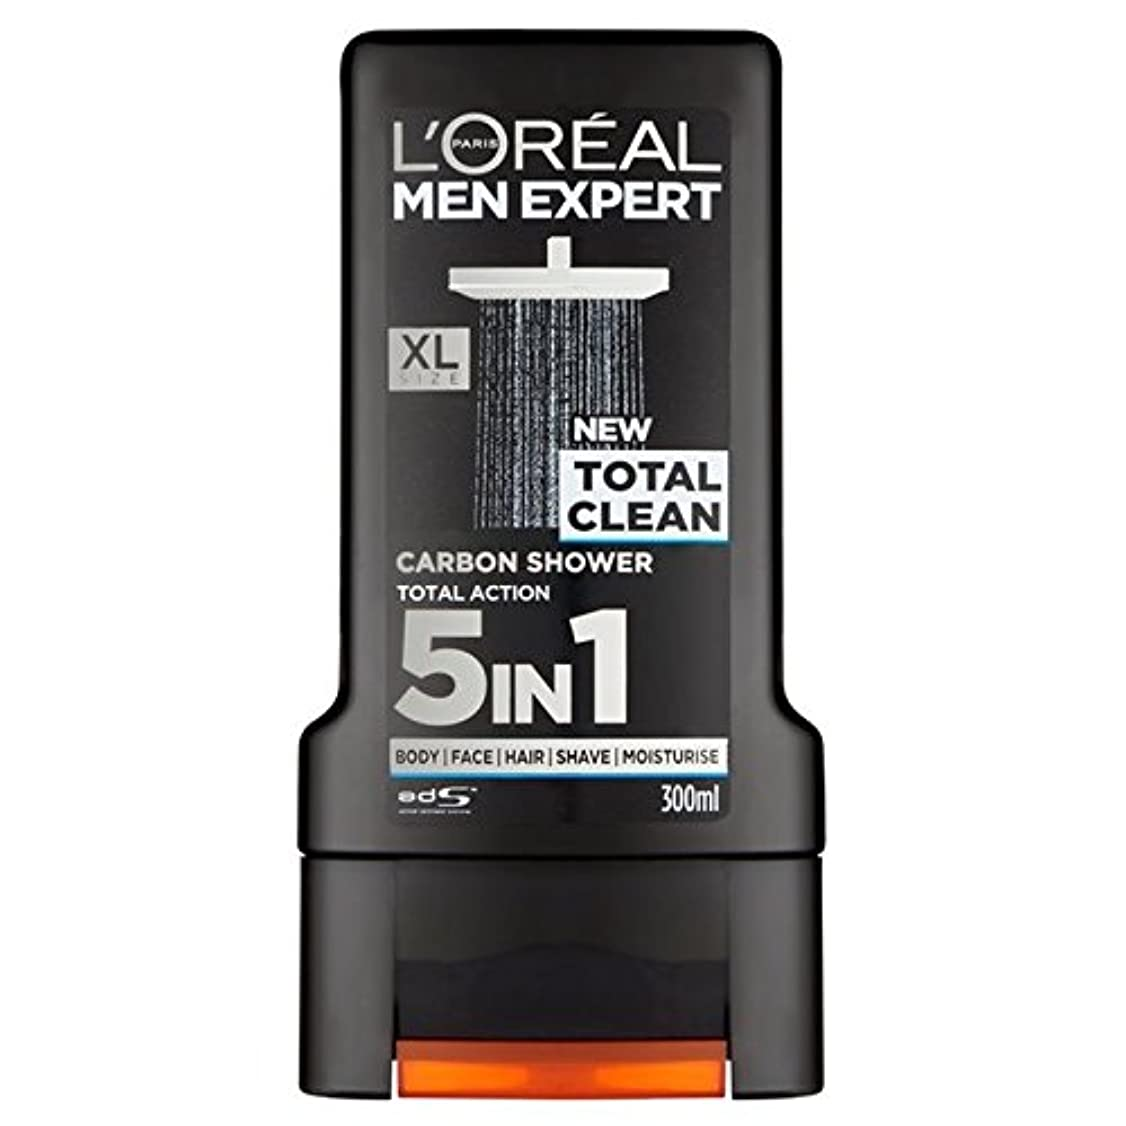 レシピ酸素大臣L'Oreal Paris Men Expert Total Clean Shower Gel 300ml - ロレアルパリのメンズ専門トータルクリーンシャワージェル300ミリリットル [並行輸入品]